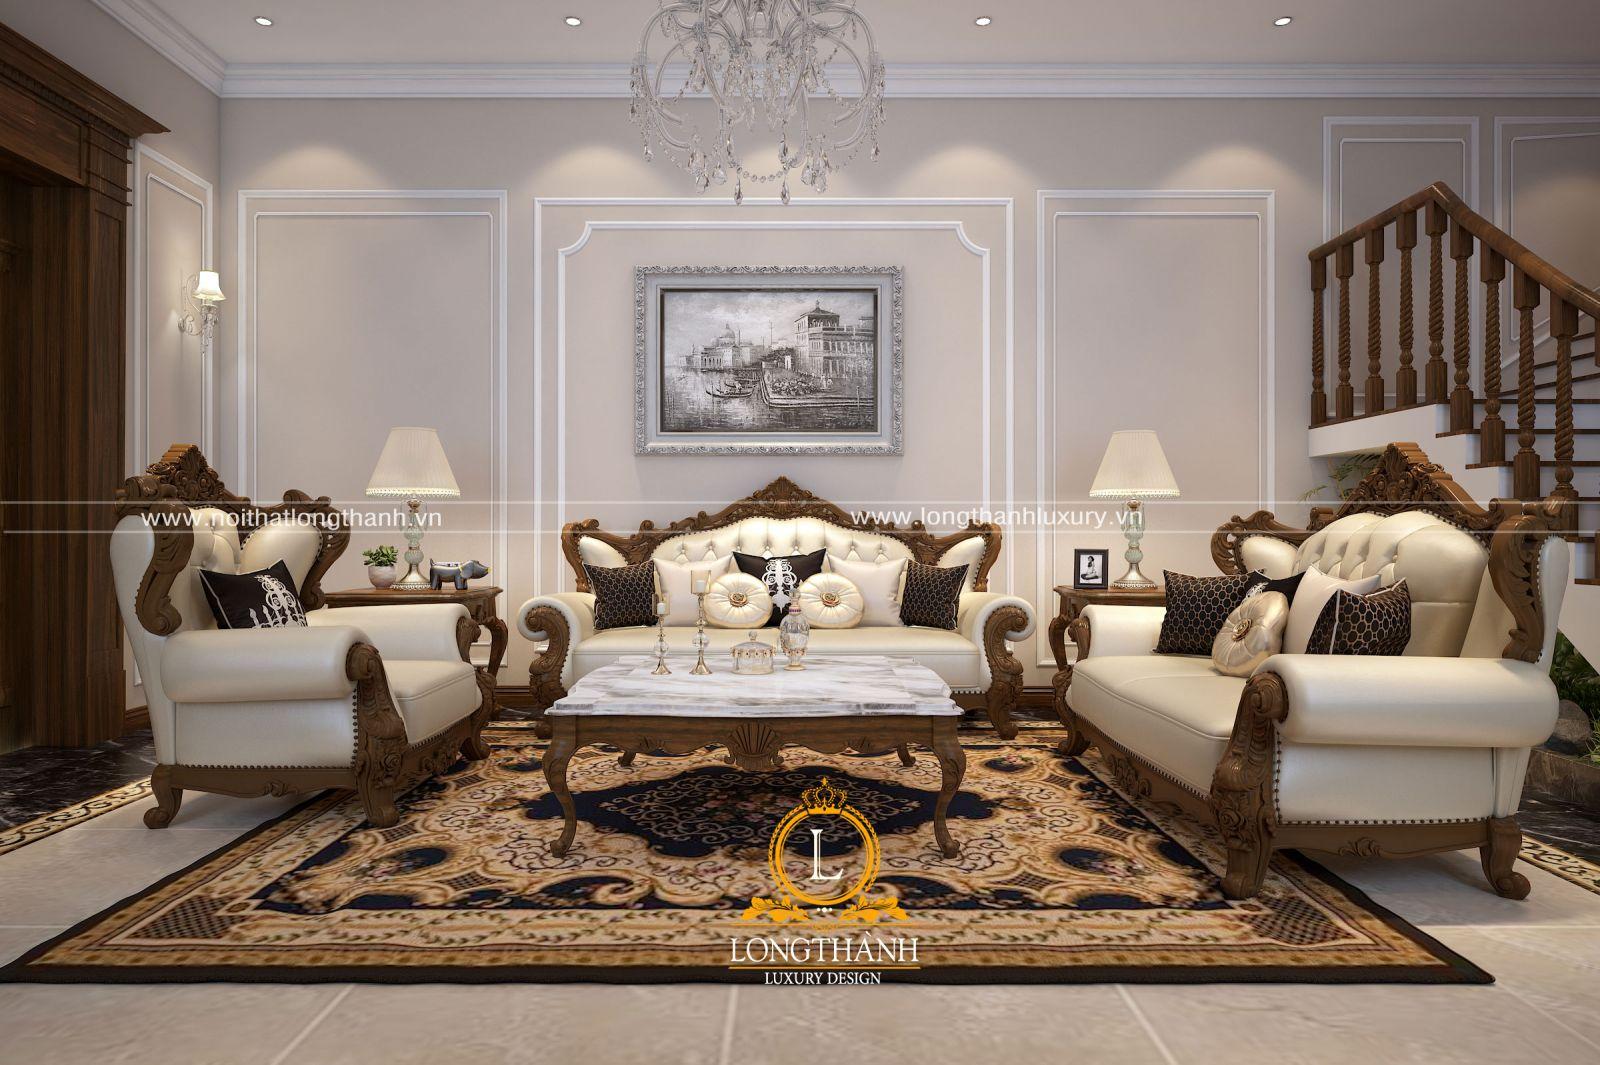 Bộ sofa sử dụng chất lượng da tự nhiên cao cấp luôn được khách hàng đánh giá cao